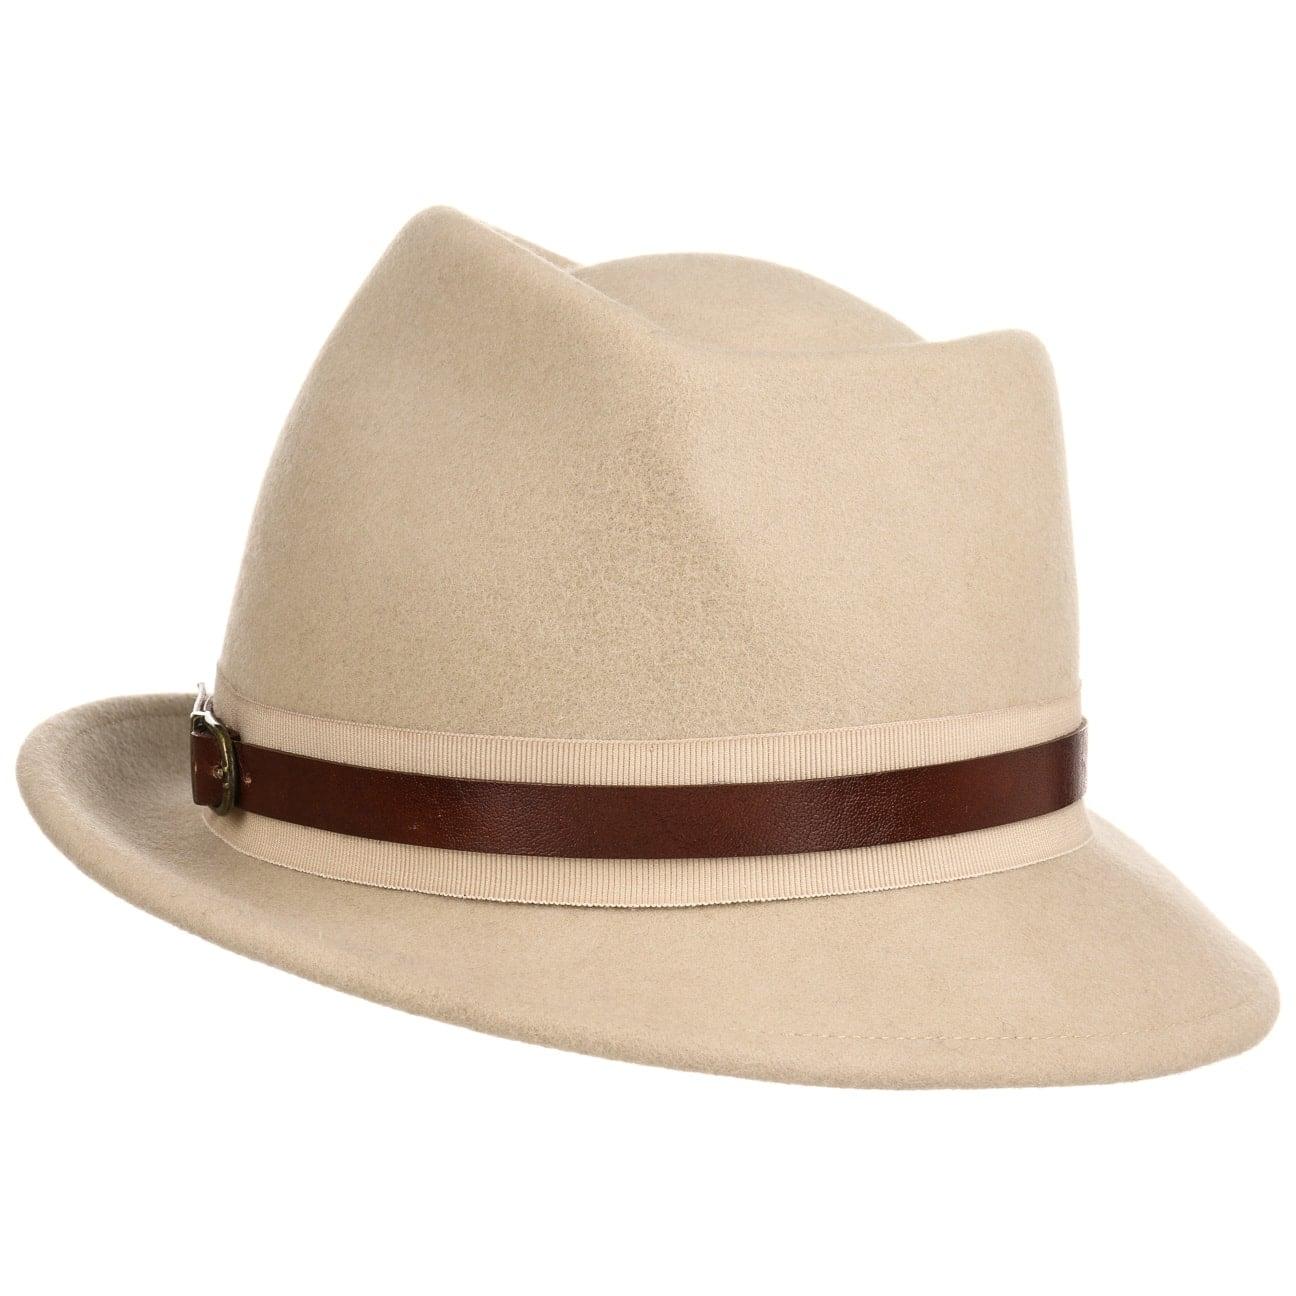 Sombrero de Mujer Tajala by Bront?  sombrero de fieltro de lana